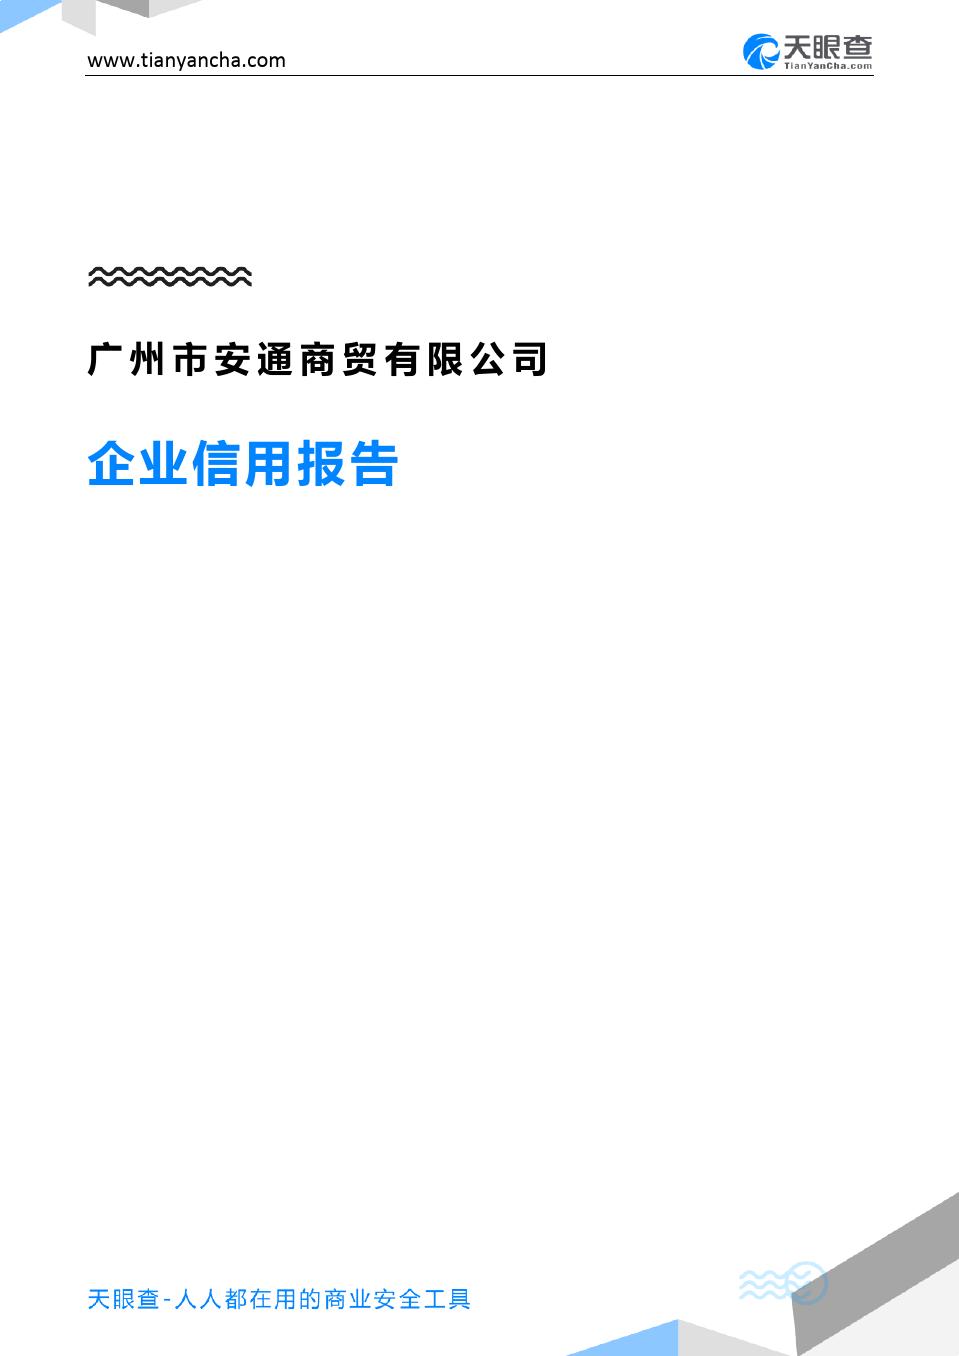 廣州市安通商貿有限公司(企業信用報告)- 天眼查